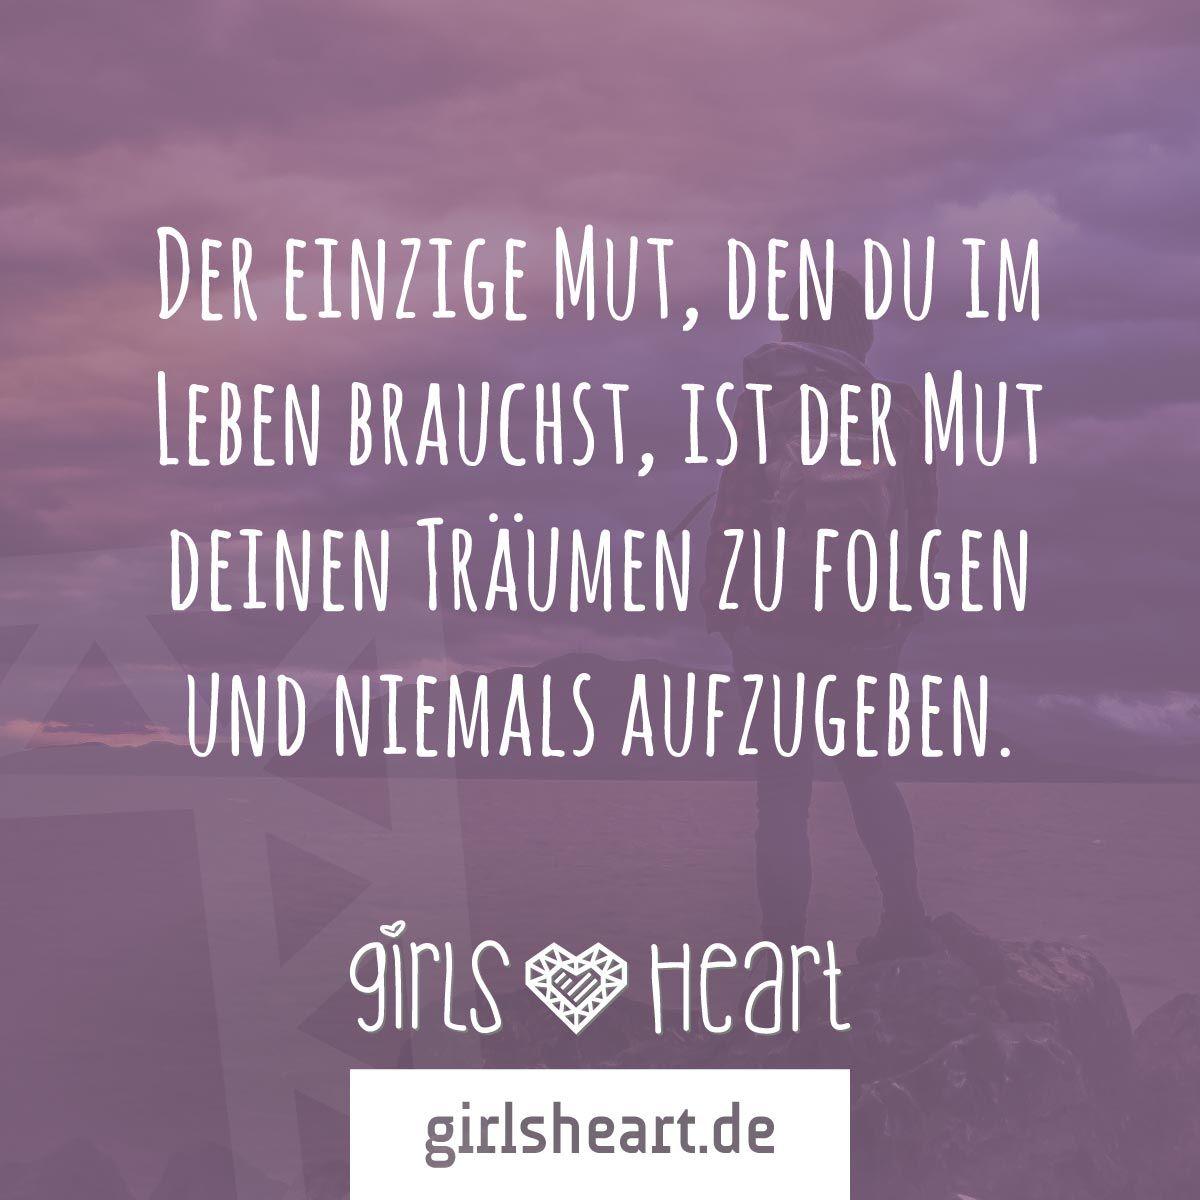 Mehr Spruche Auf Www Girlsheart De Traum Leben